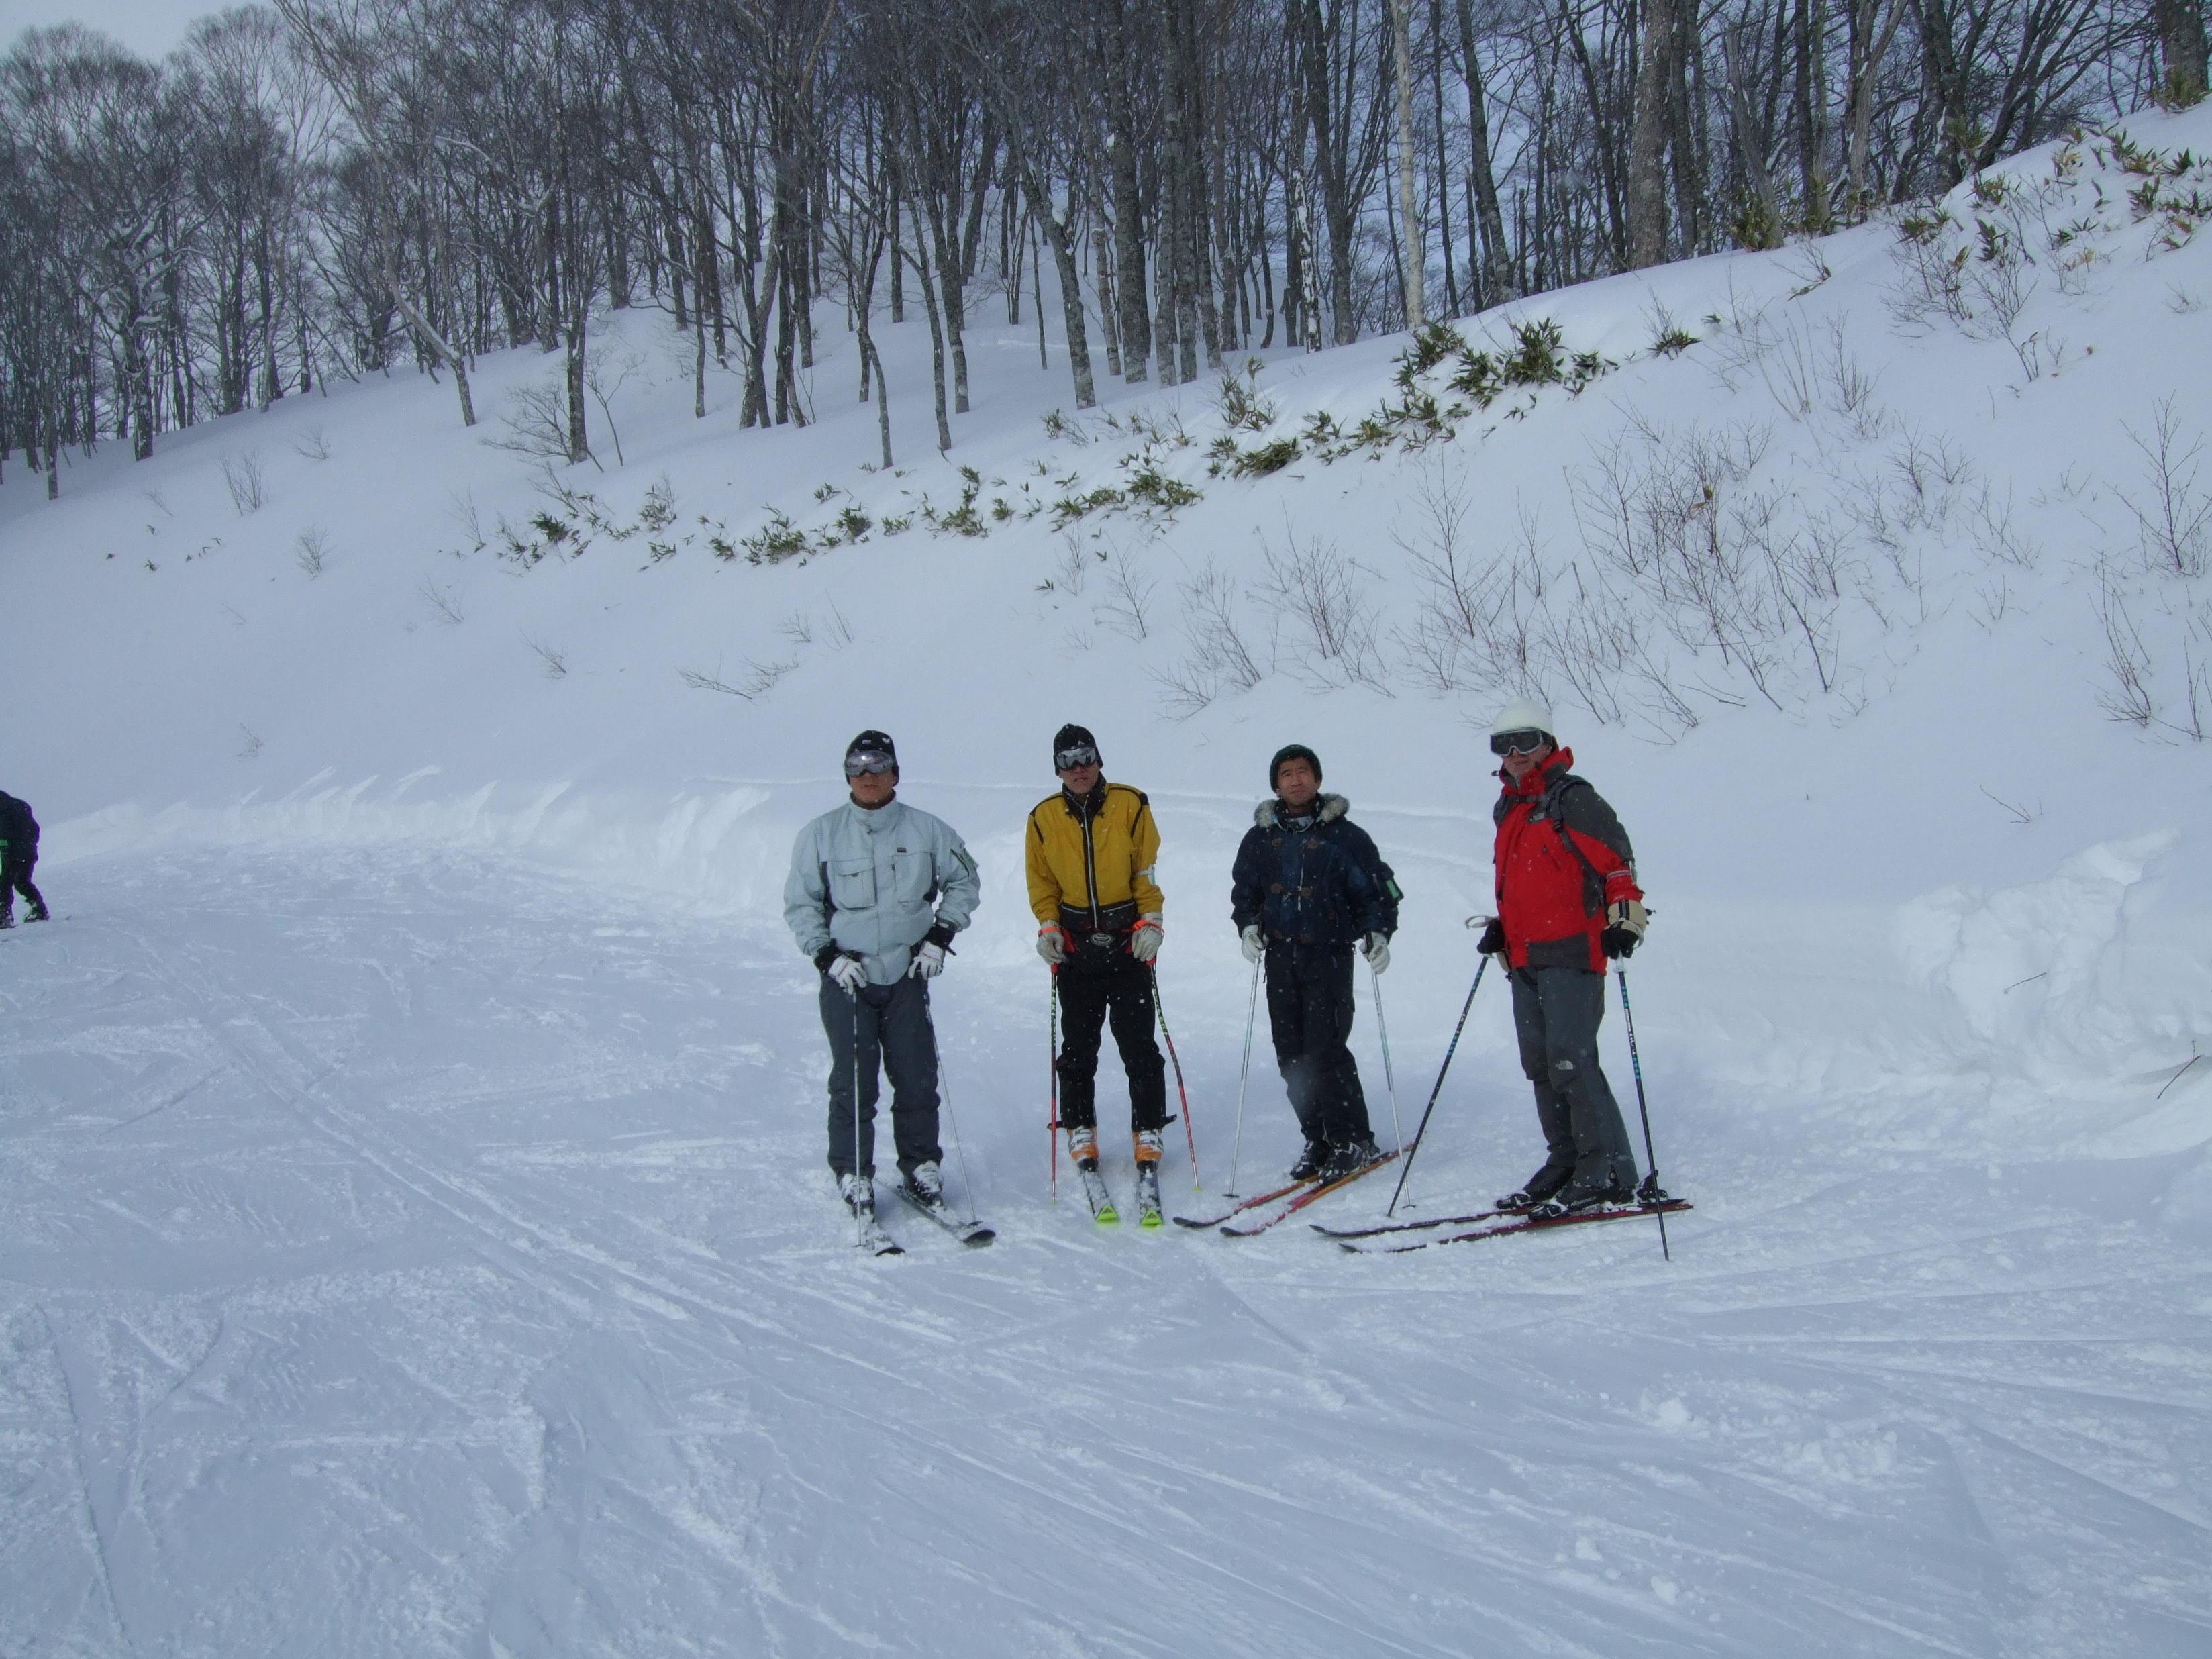 尾瀬岩鞍スキー場、クリックすると、ムービーが動きます。